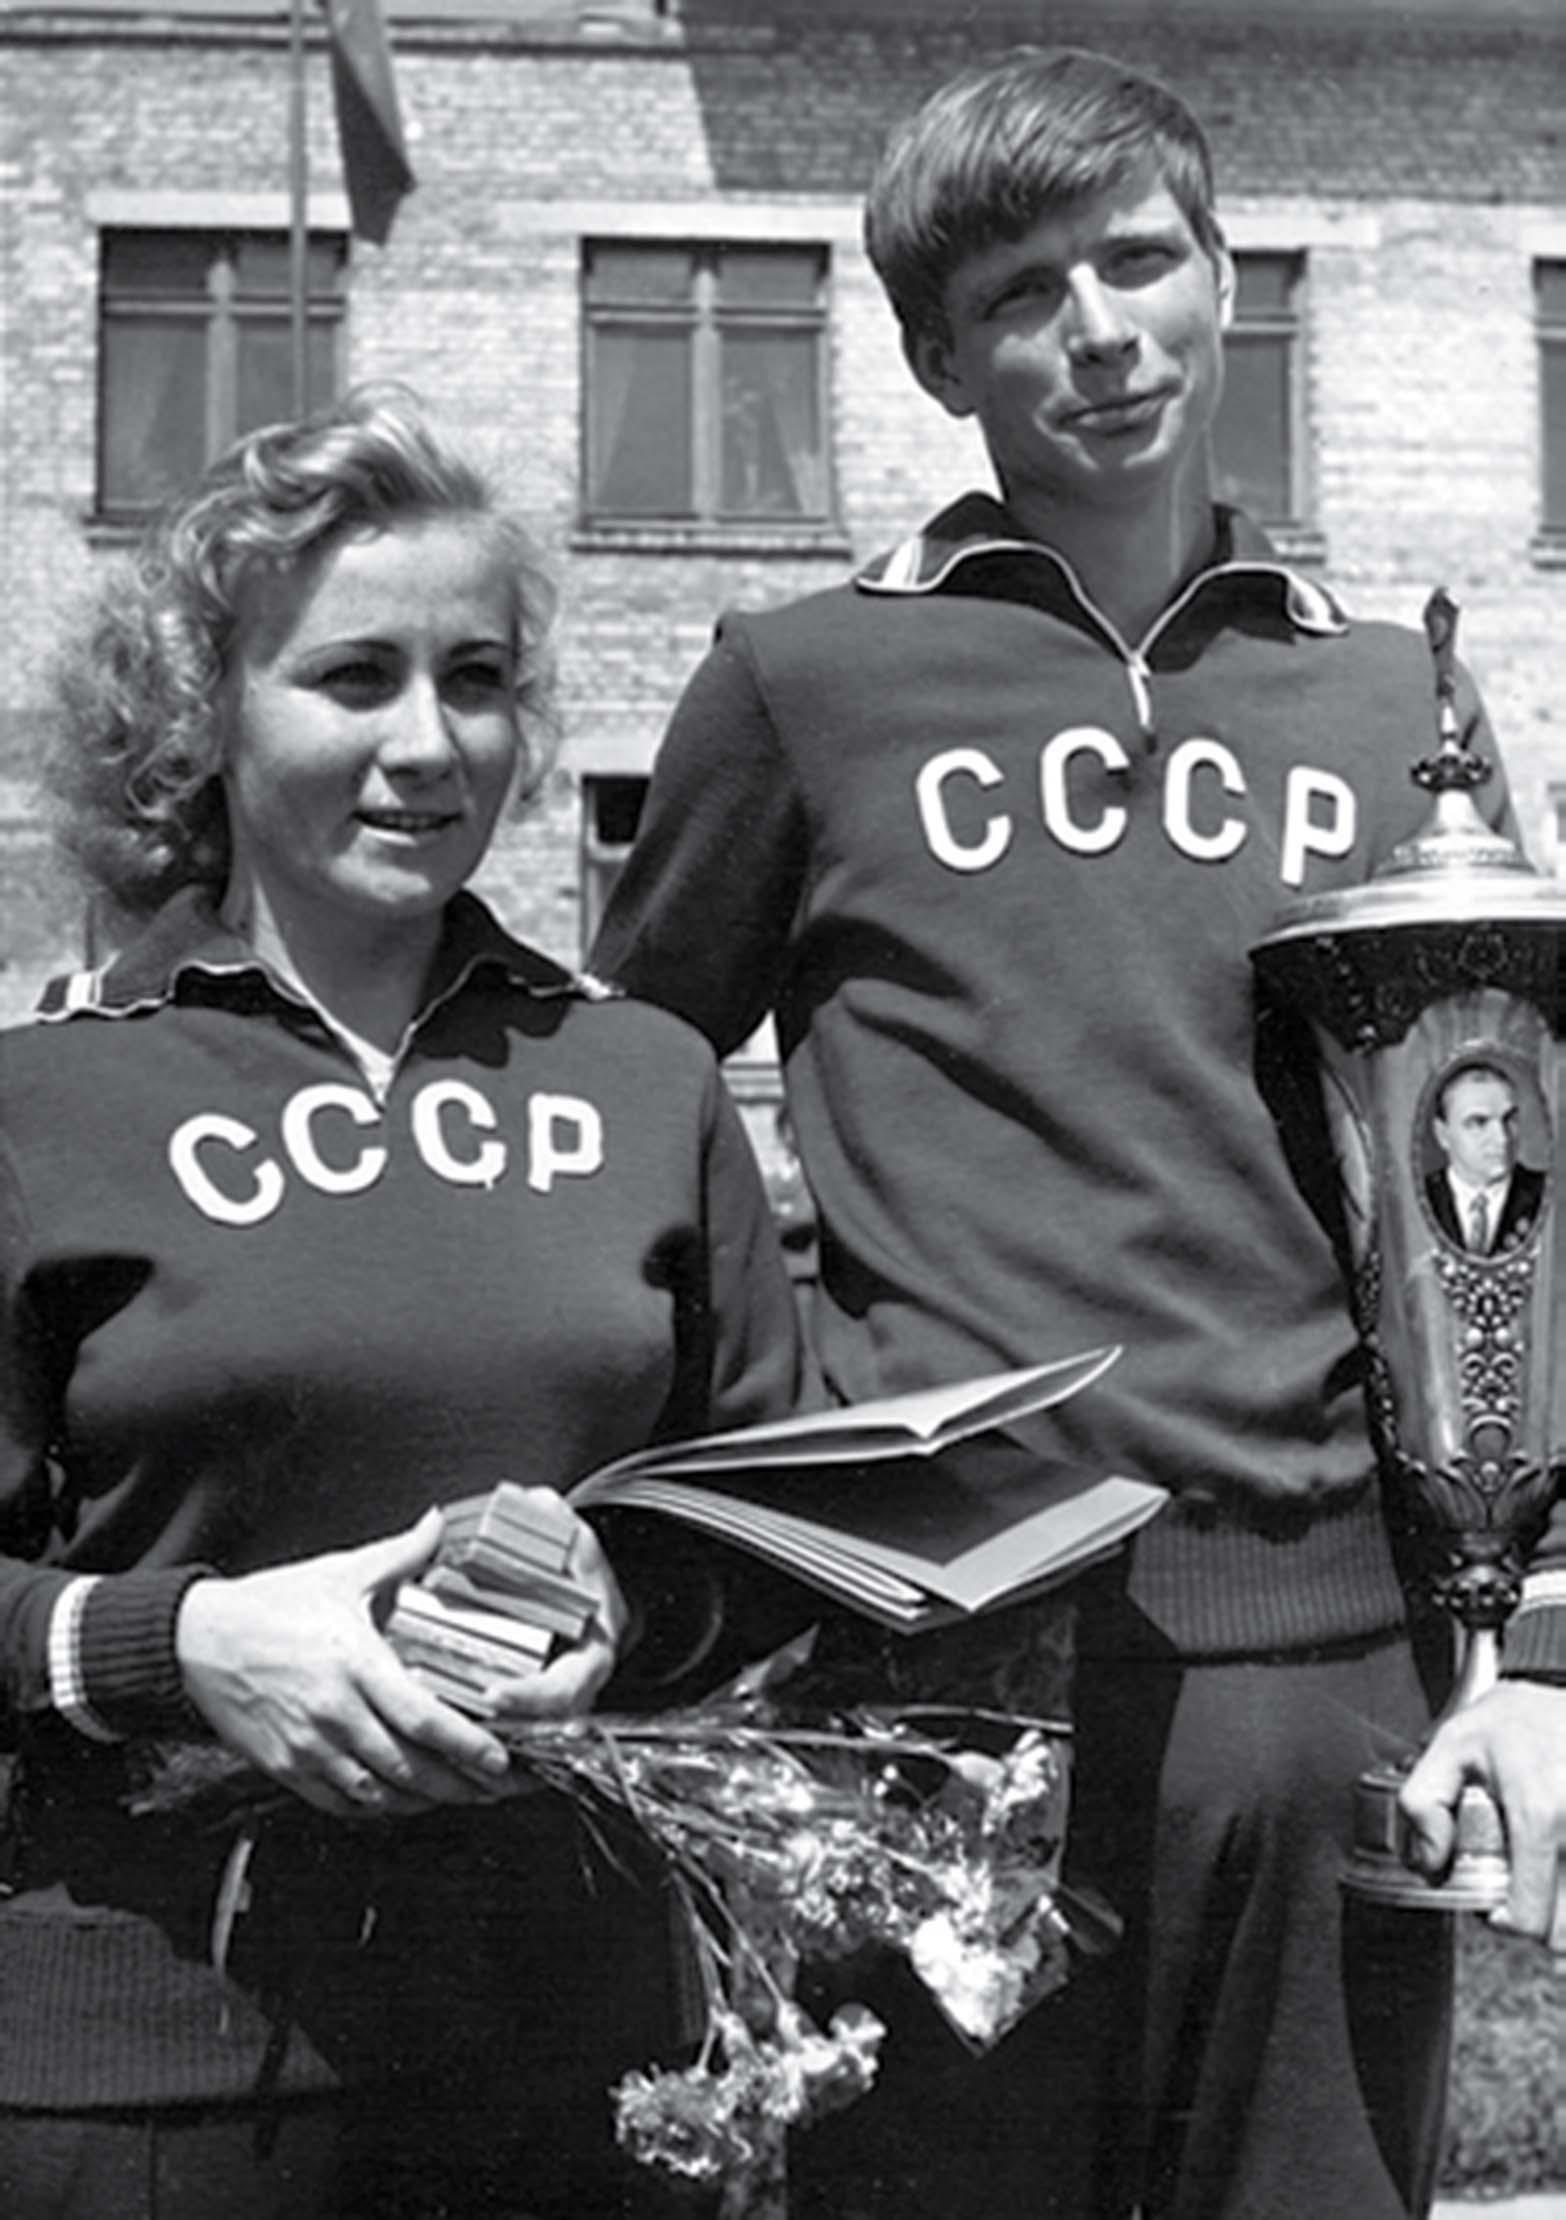 7-chempiony-mira-po-samoletnomu-sportu-valentina-yaikova-i-evgenij-frolov-na-pedestale